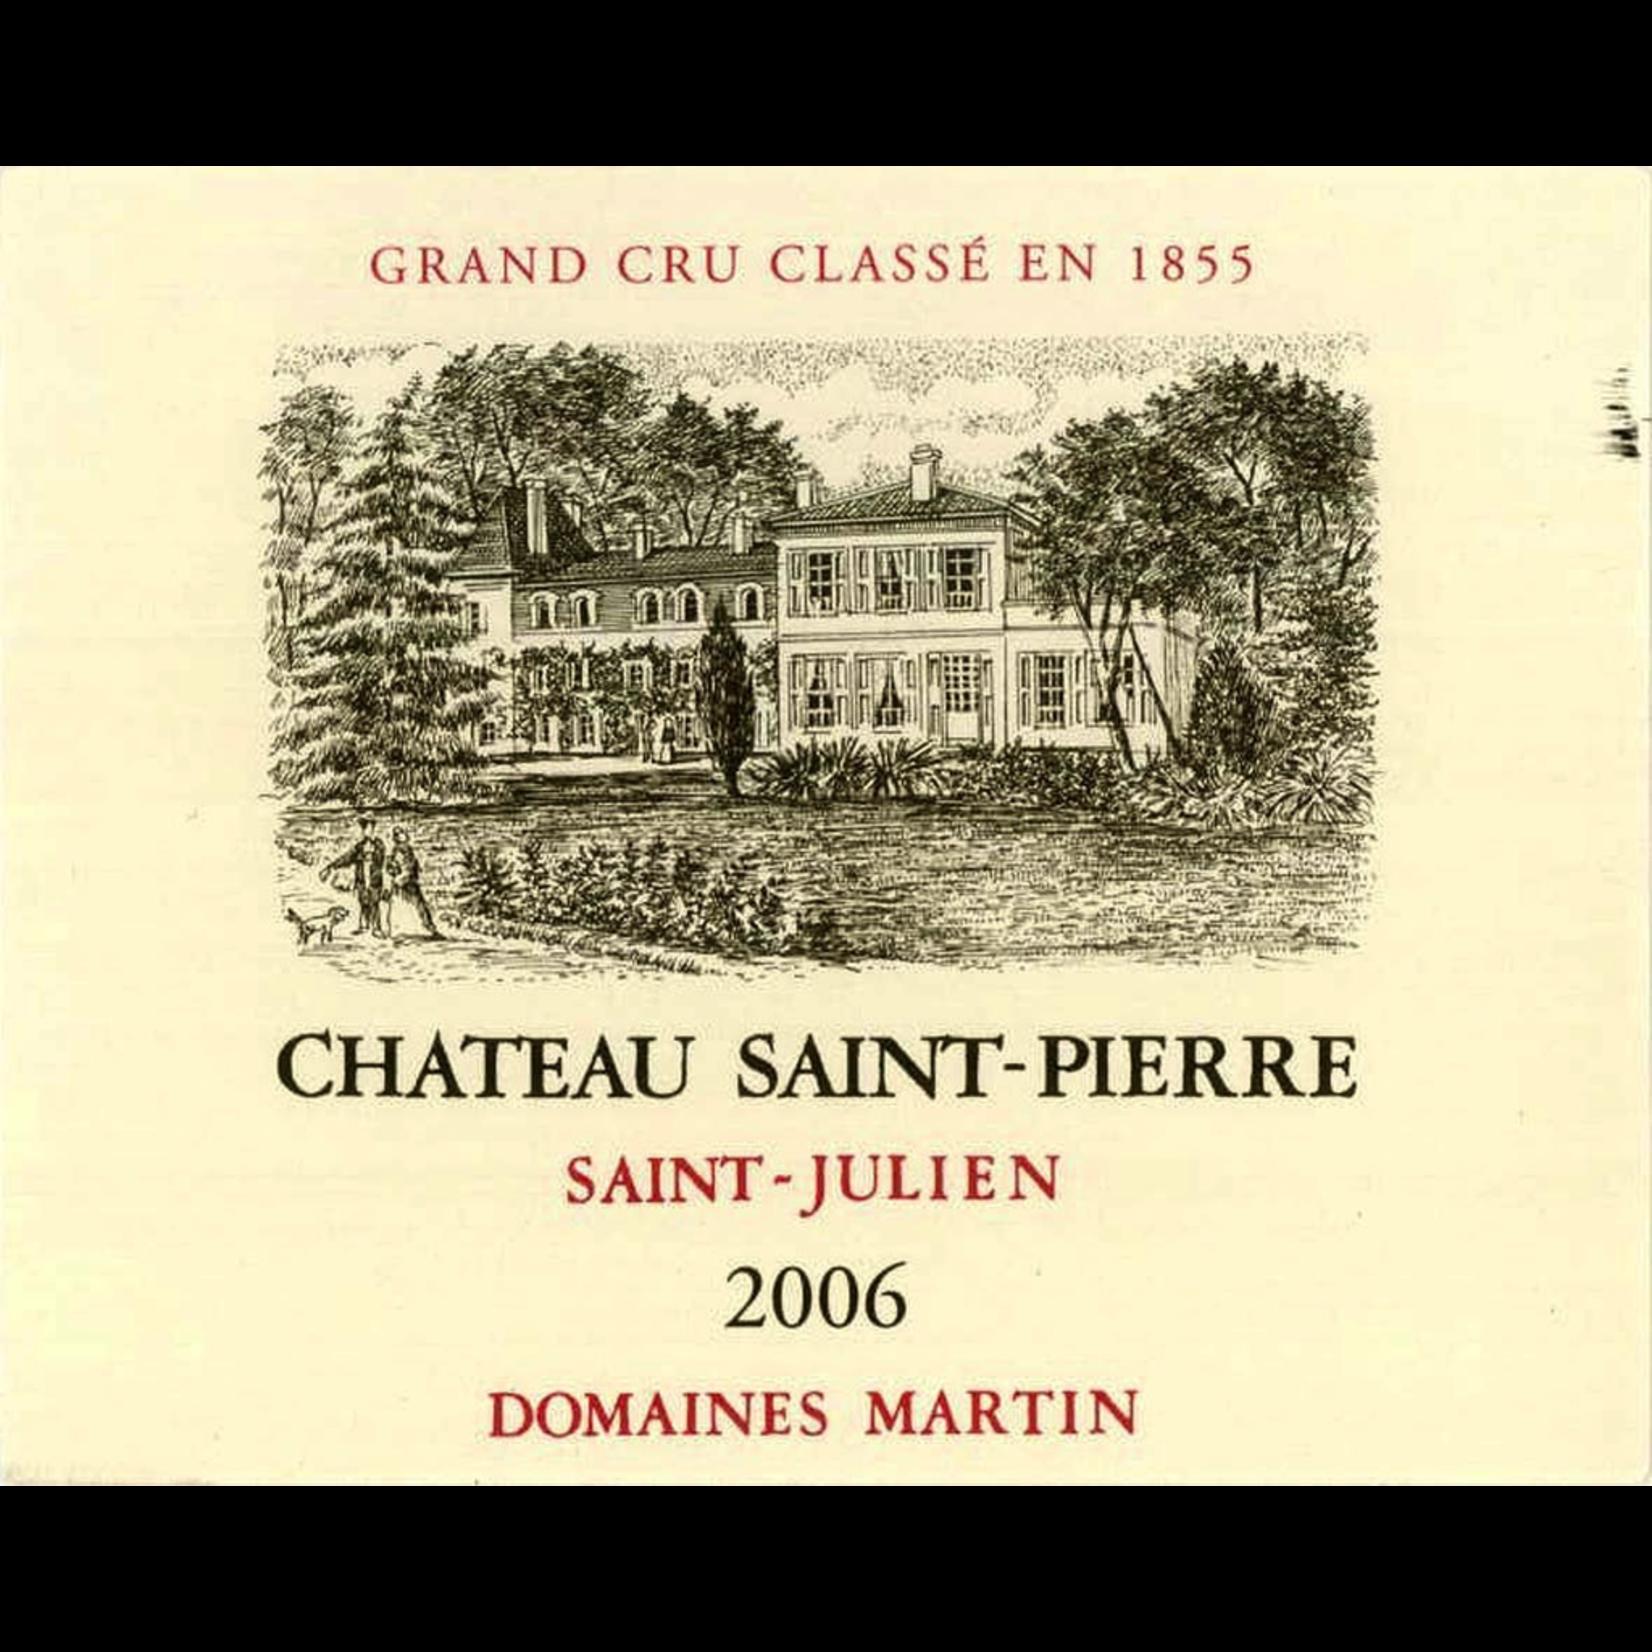 Wine Chateau Saint Pierre 2007